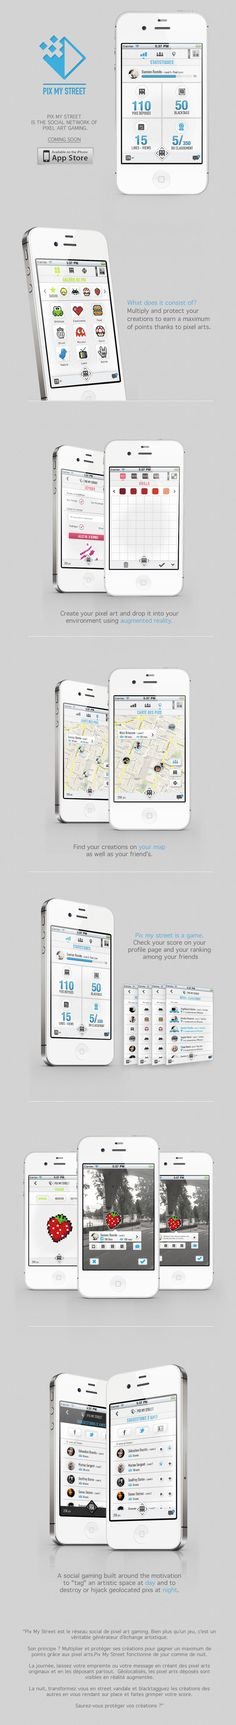 iPhone app Pix my street by julia bruyneel, via Behance